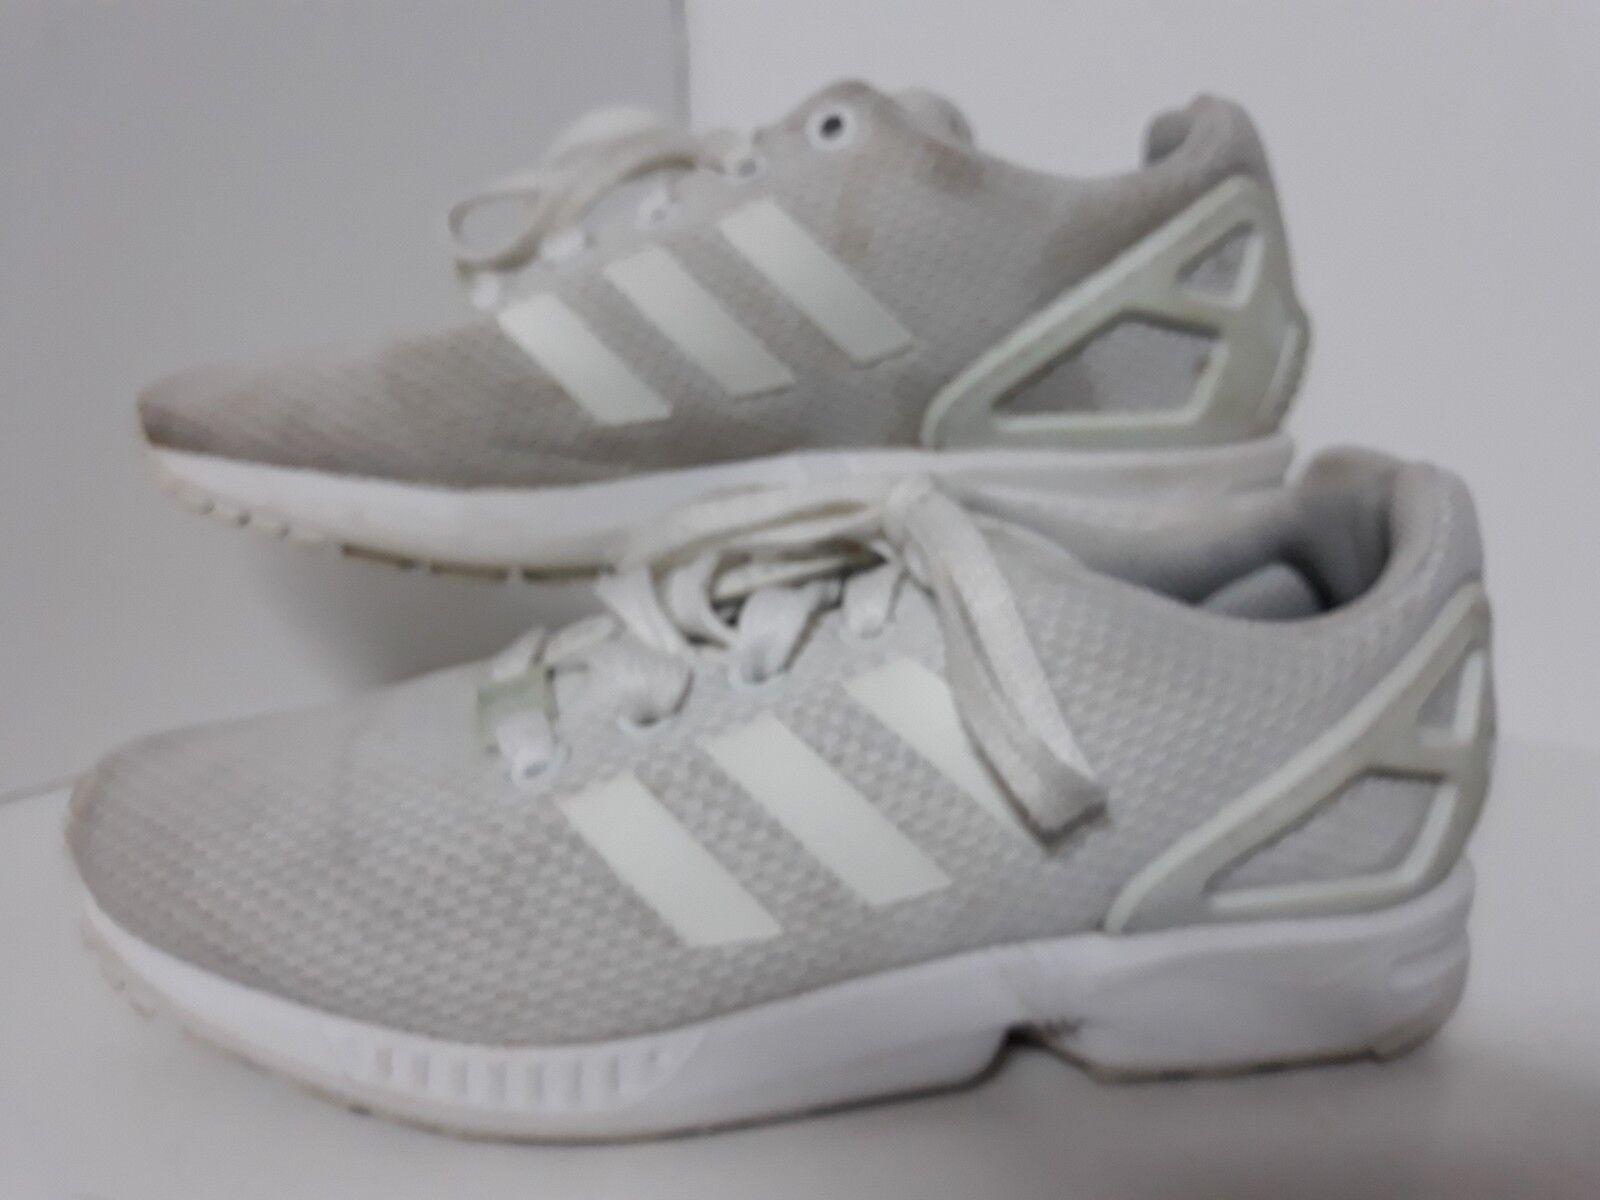 Adidas Blanc ZX Flux Baskets taille 4 femmes âgées filles